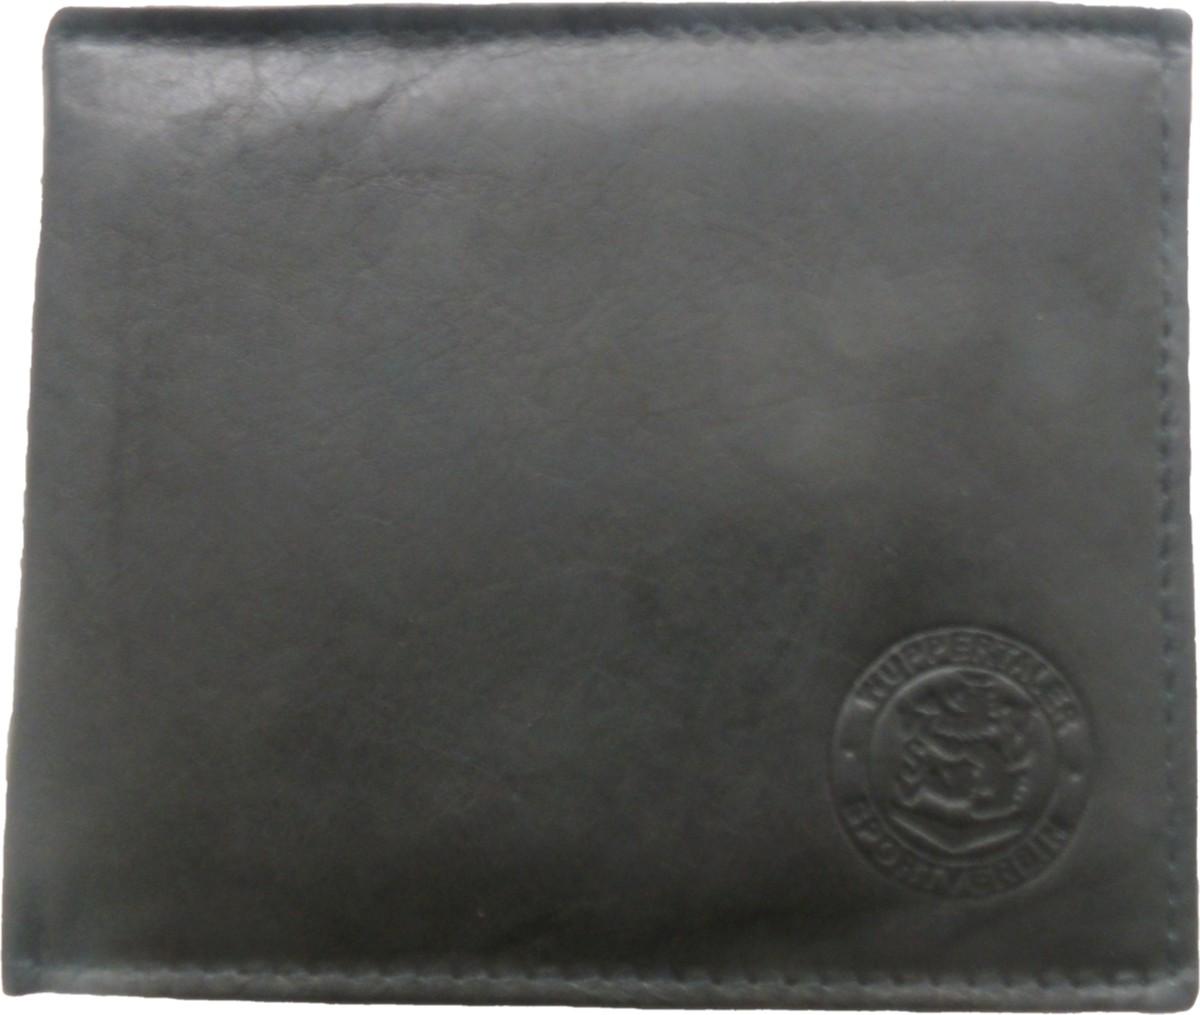 WSV-Echtledergeldbörse schwarz mit Wappenprägung